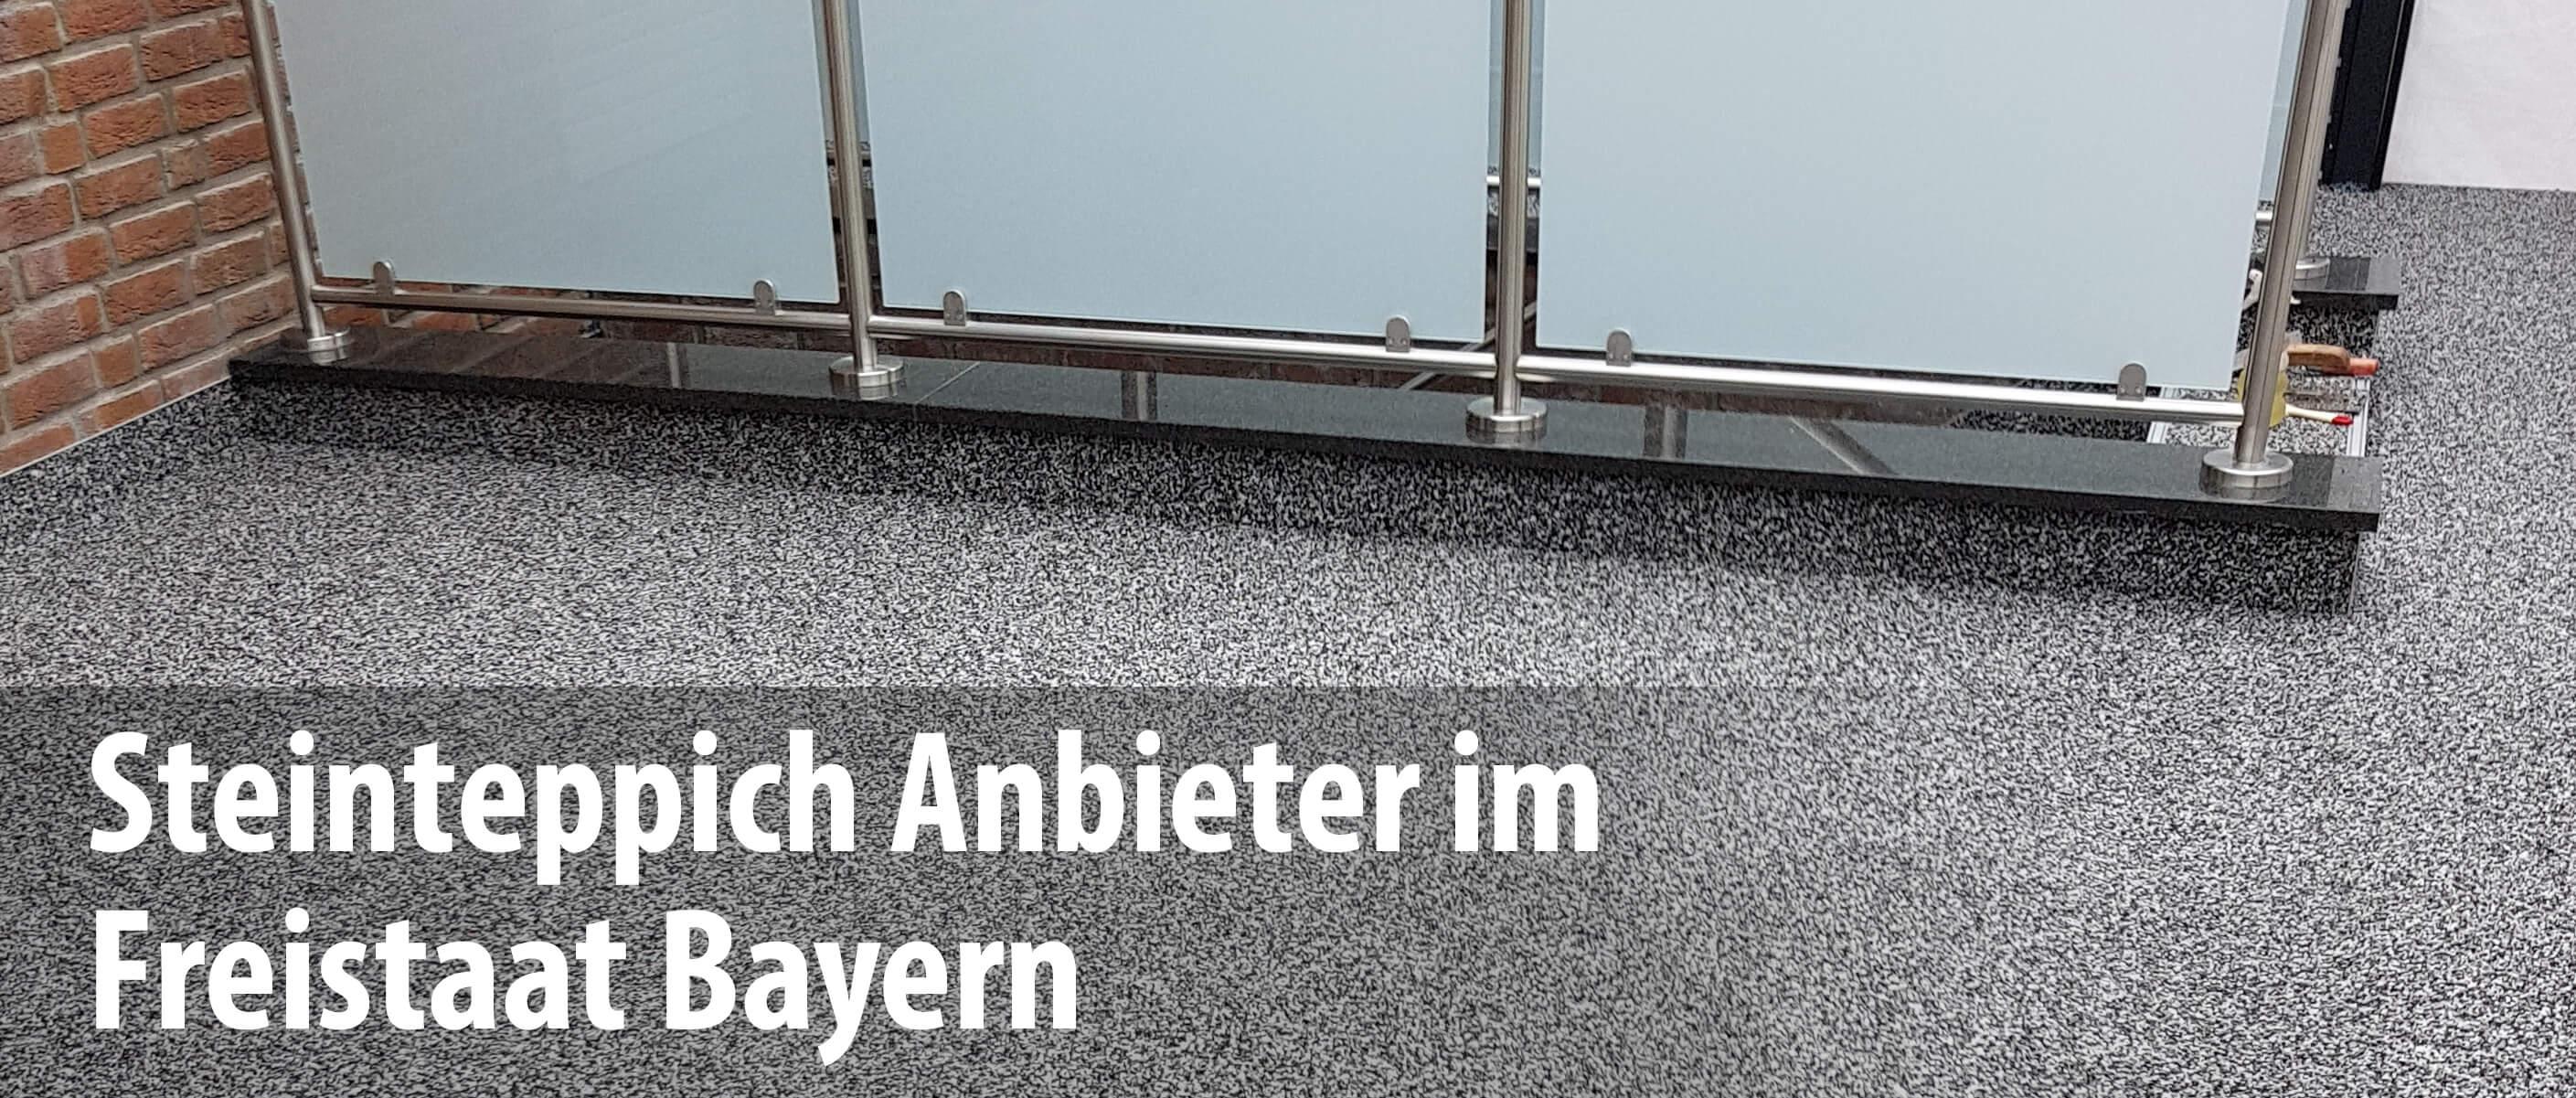 Wir arbeiten mit Steinteppich-Anbietern in Bayern zusammen und bieten mit unseren Partnern die professionelle Sanierung und Abdichtung von Balkonen und Terrassen.